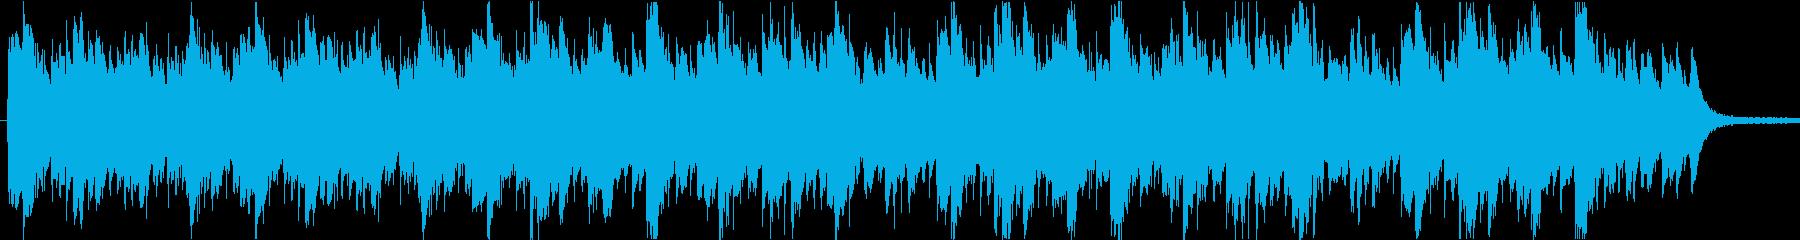 ほのぼのとしたアジアンBGMの再生済みの波形